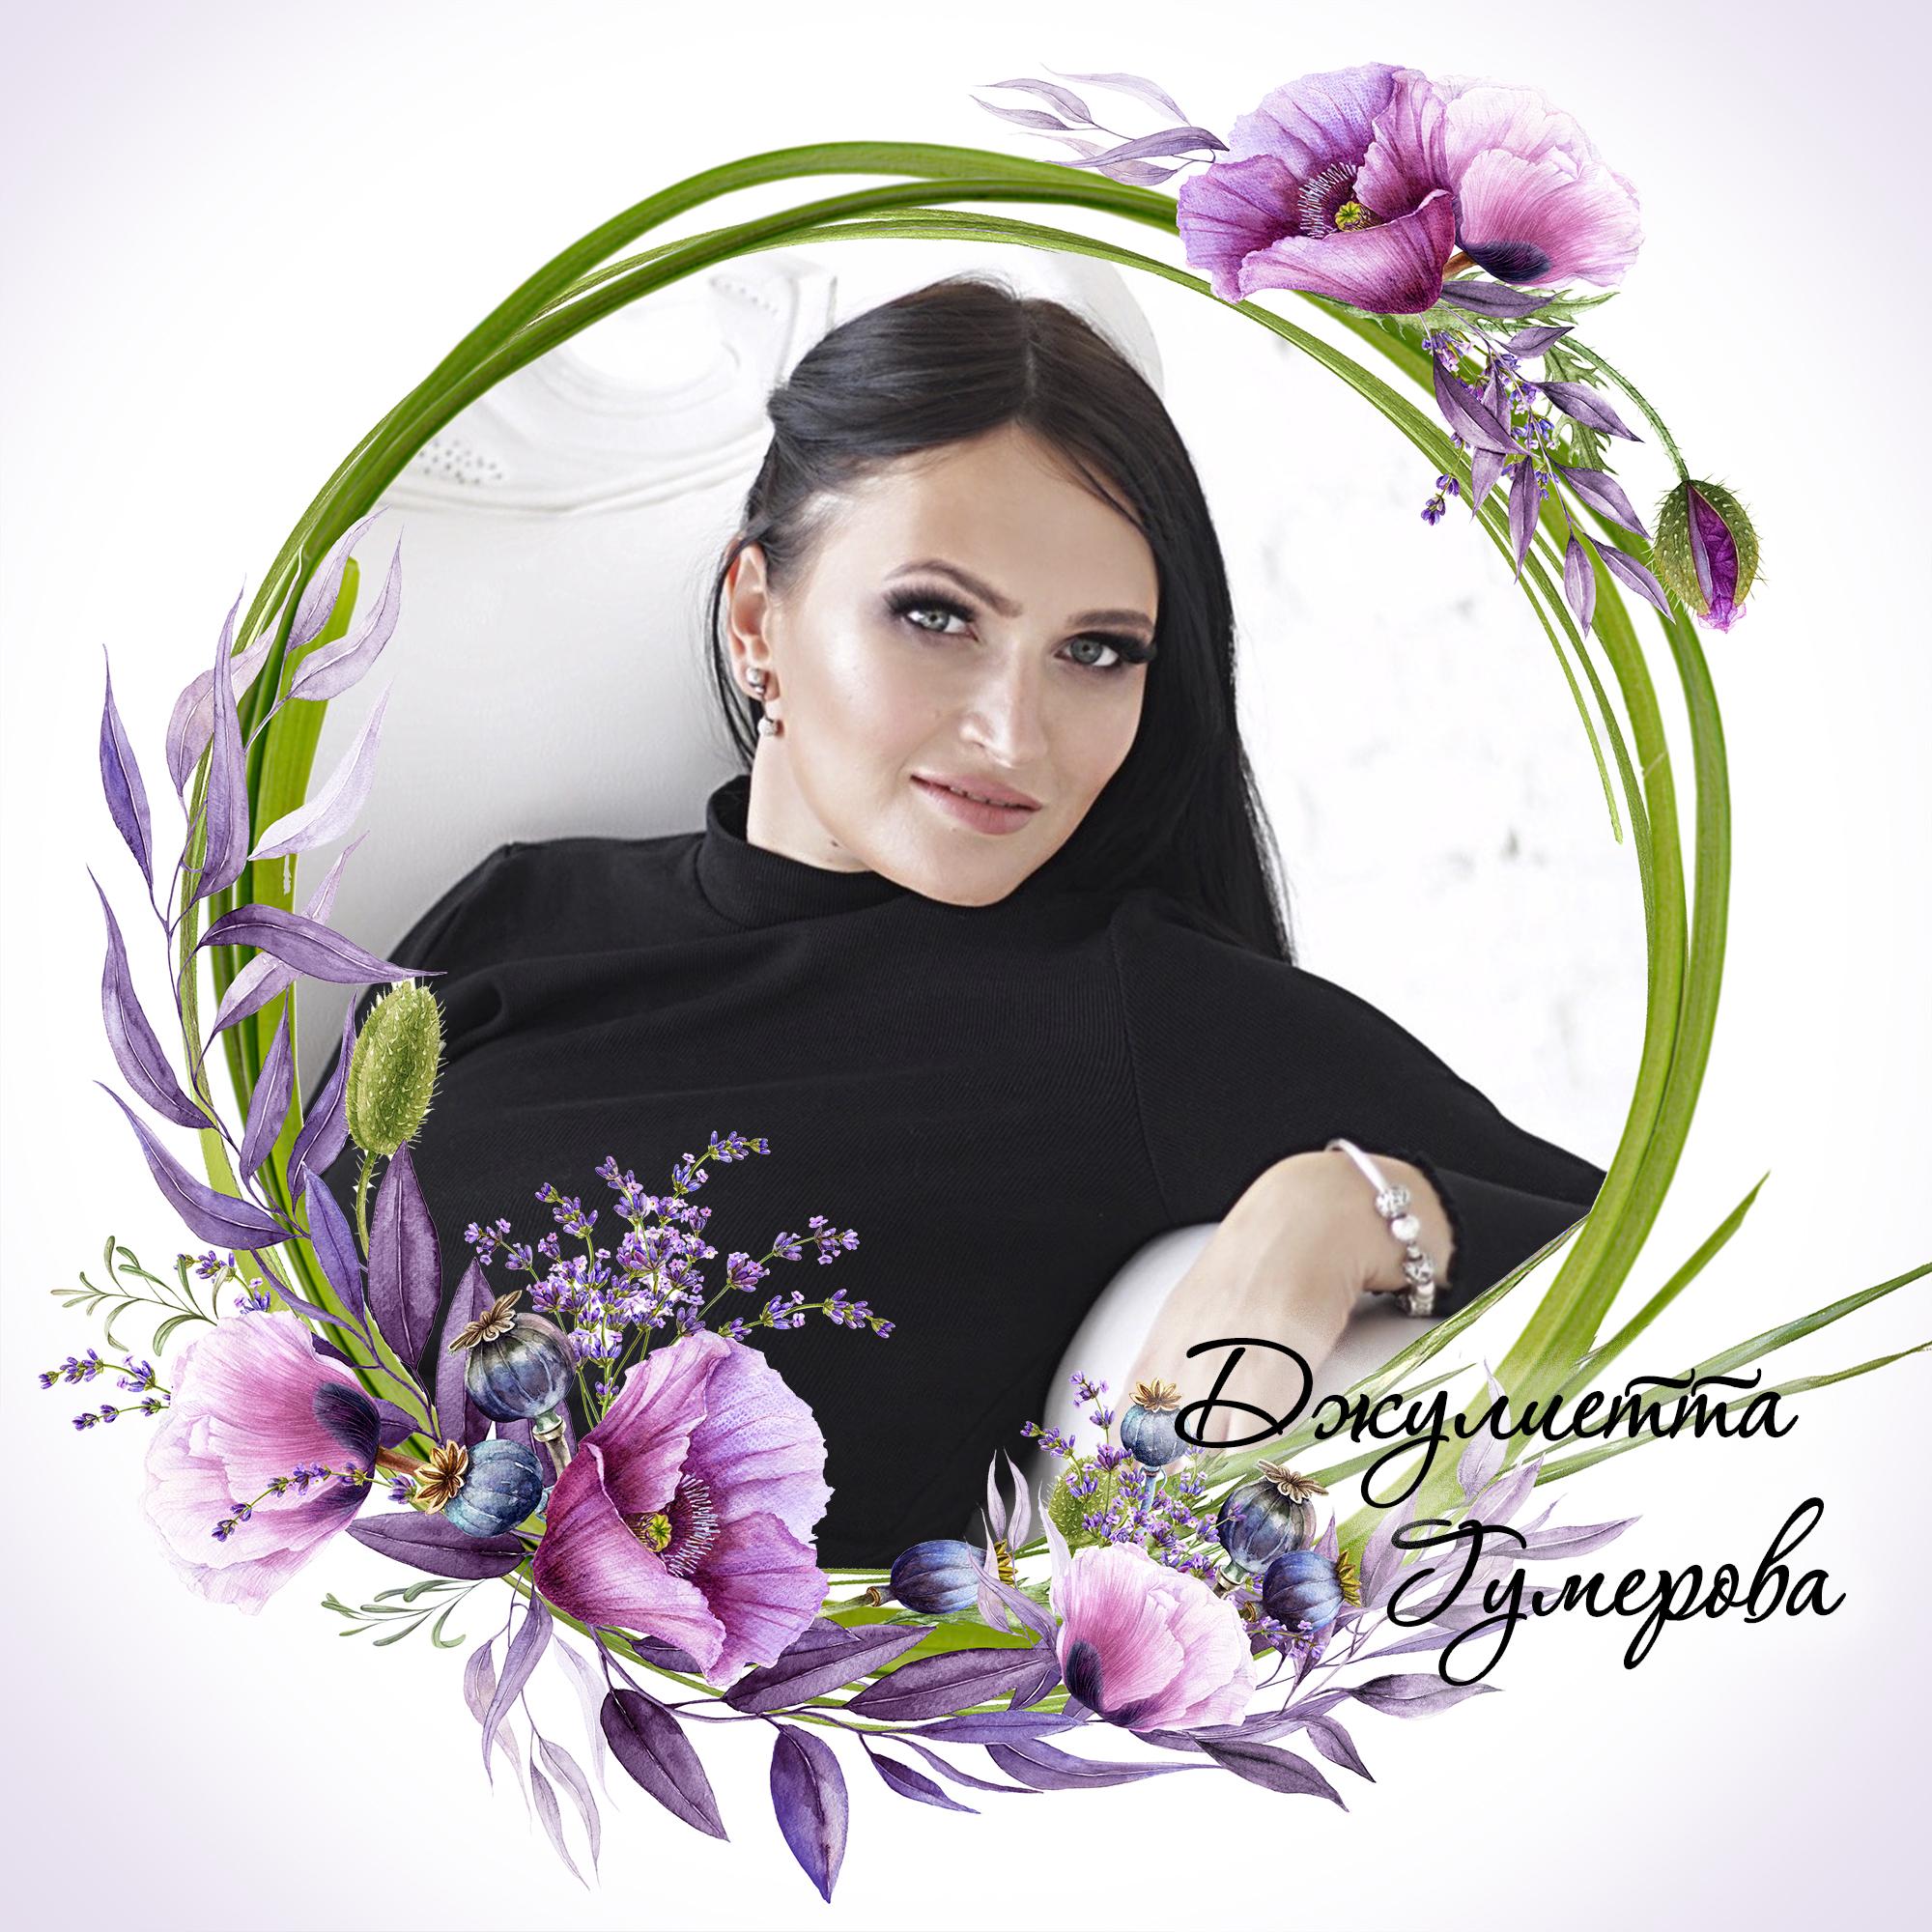 Джулиетта Гумерова